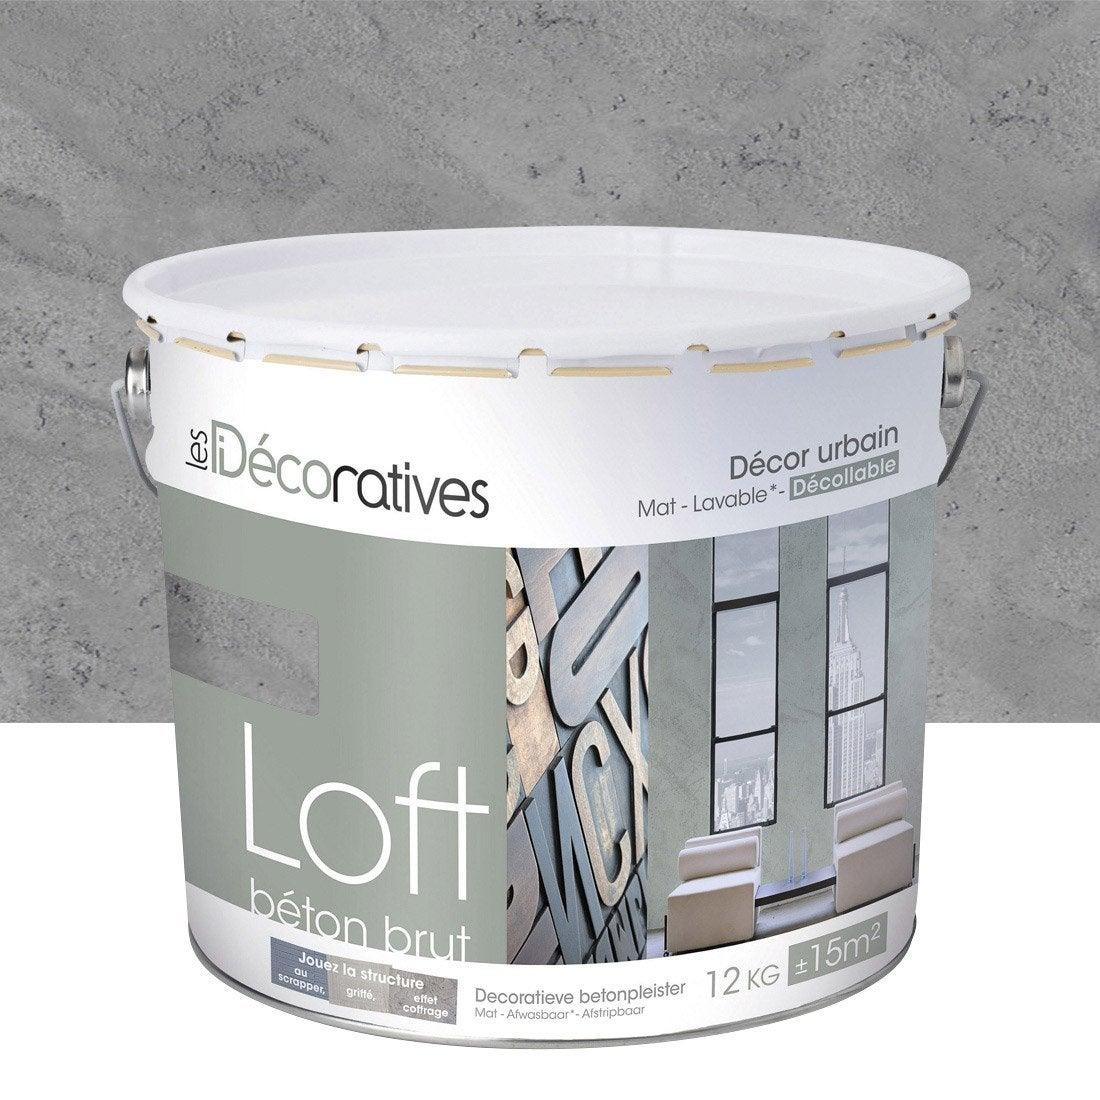 enduit d 233 coratif loft b 233 ton brut les decoratives gris shangai 12 kg leroy merlin